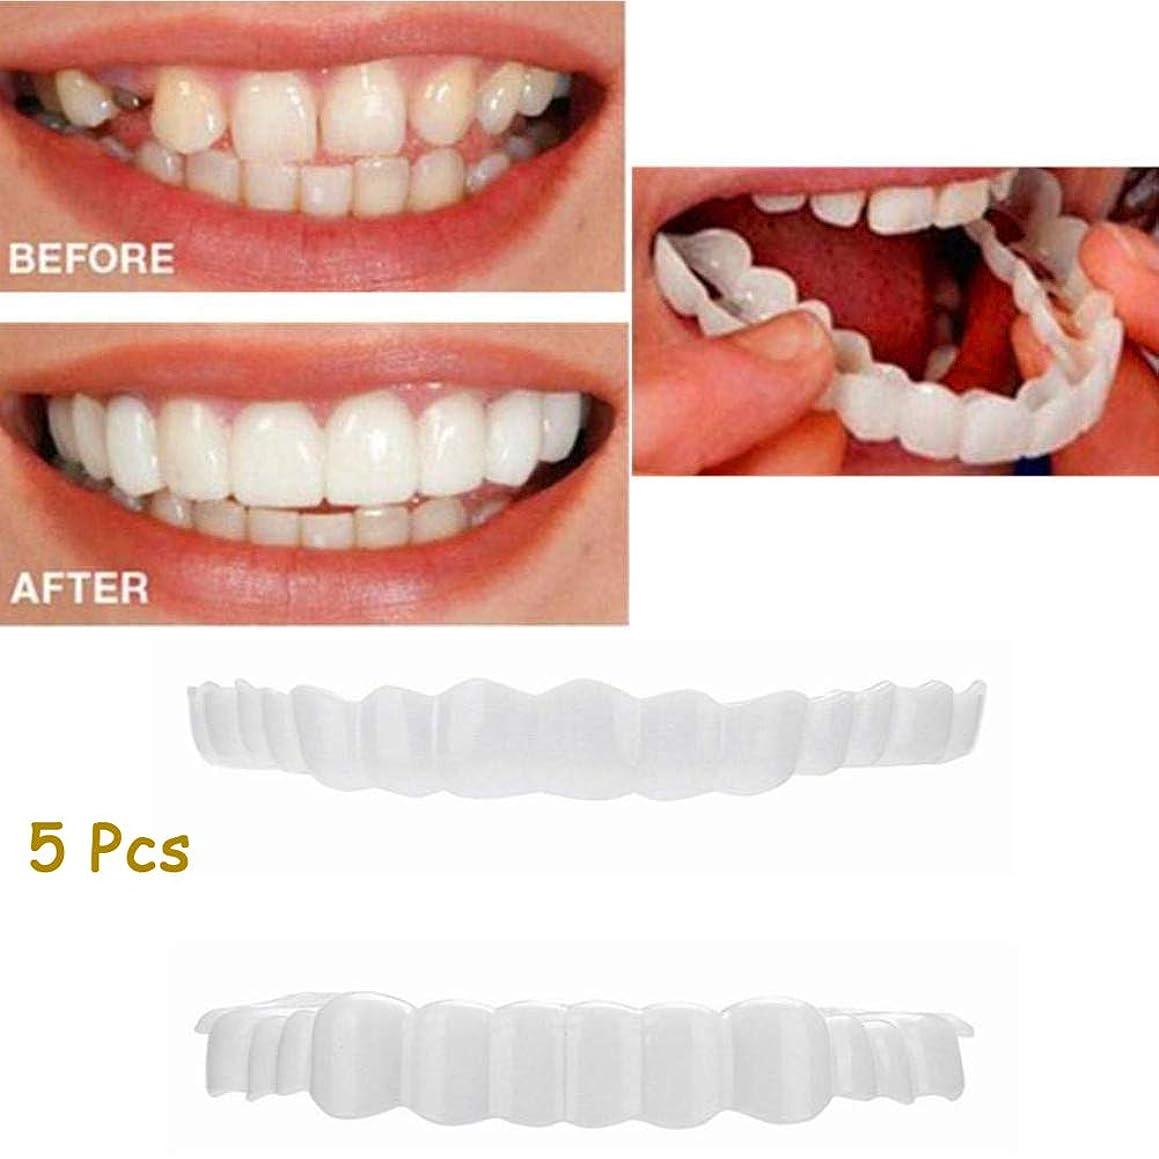 飢饉偽善整理する5ピース上歯+下歯セットインスタントパーフェクトコンフォートフィットフレックス化粧品歯入れ歯歯ホワイトニングスマイルフェイク歯